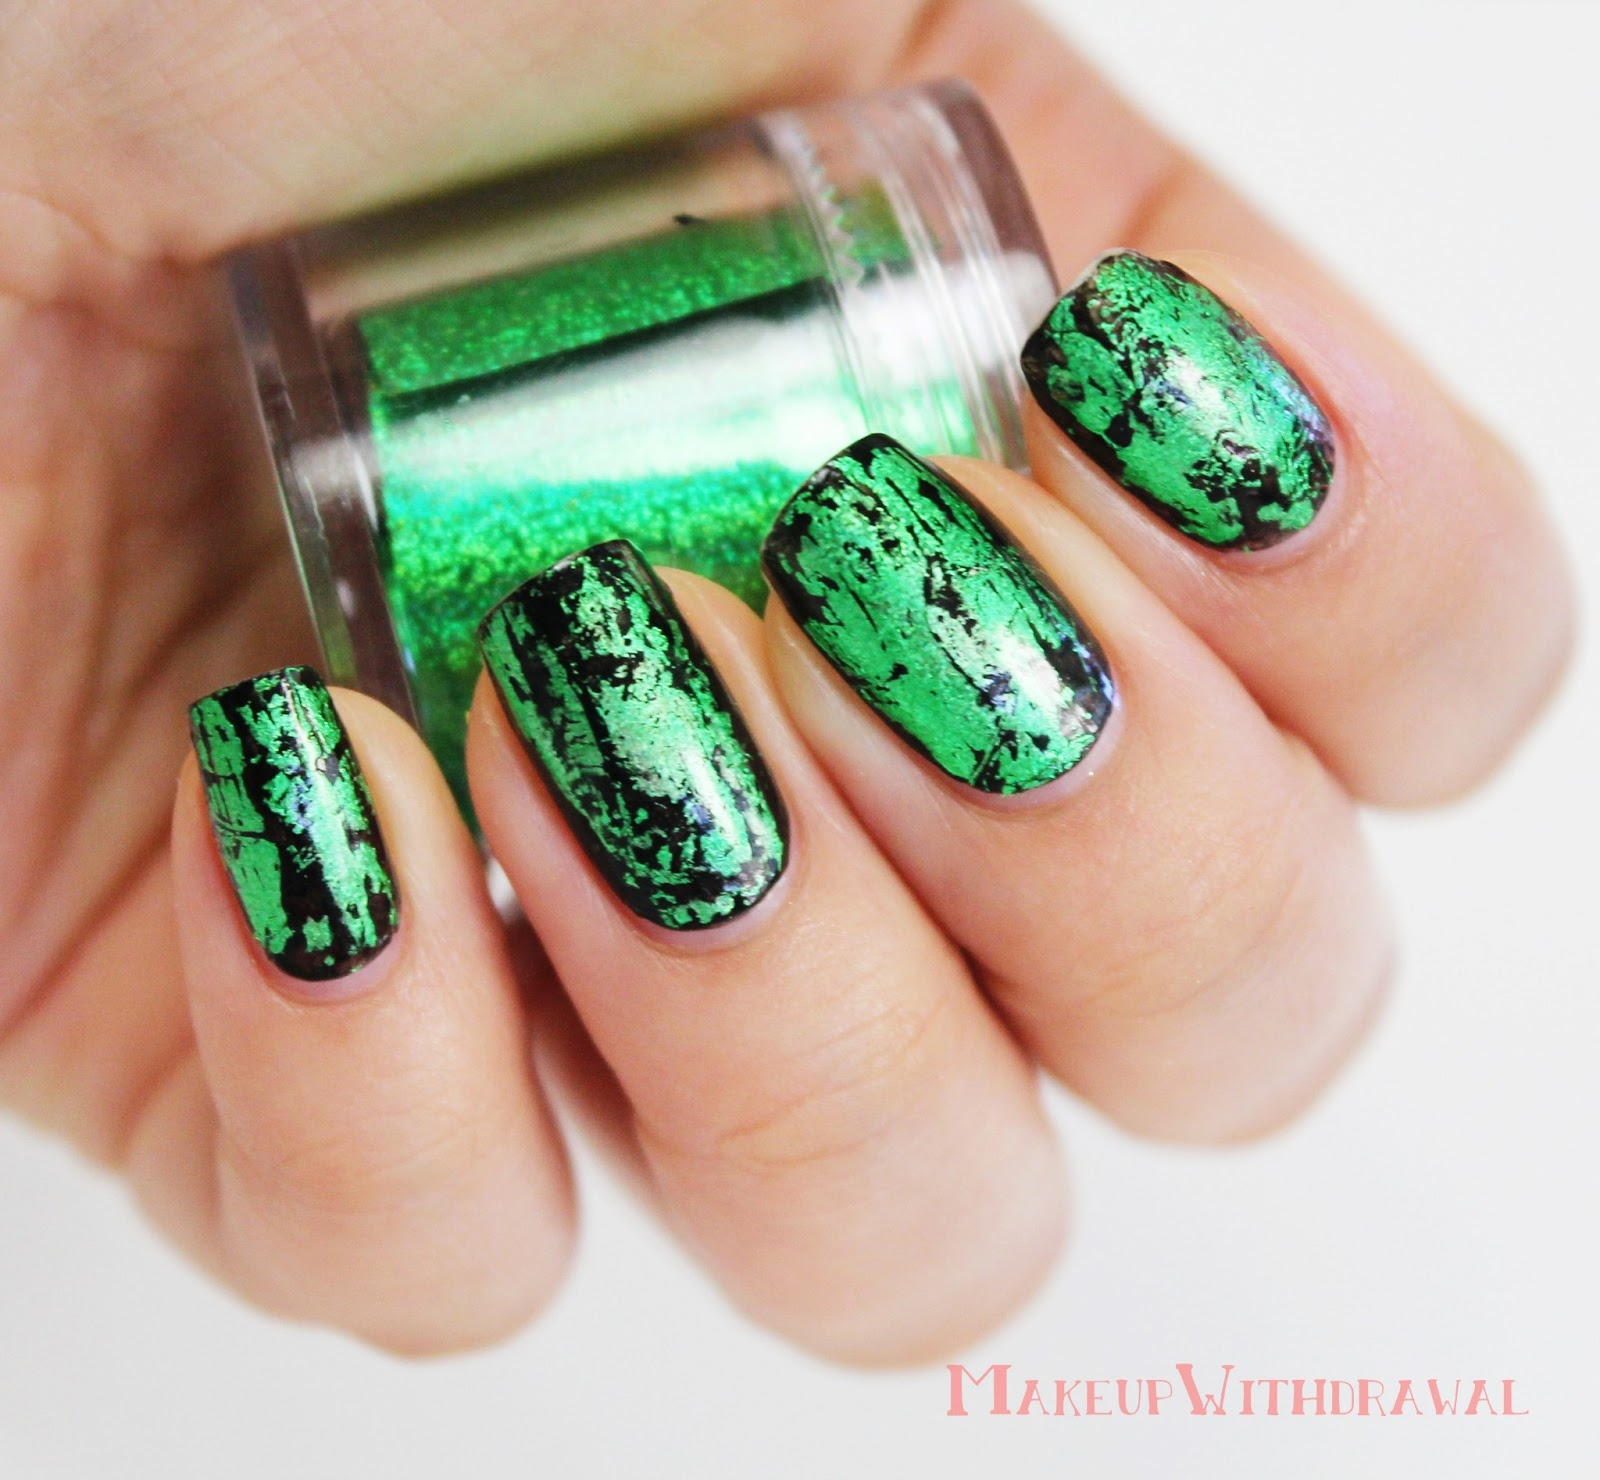 31 Day Nail Challenge v2: Green Nails | Makeup Withdrawal